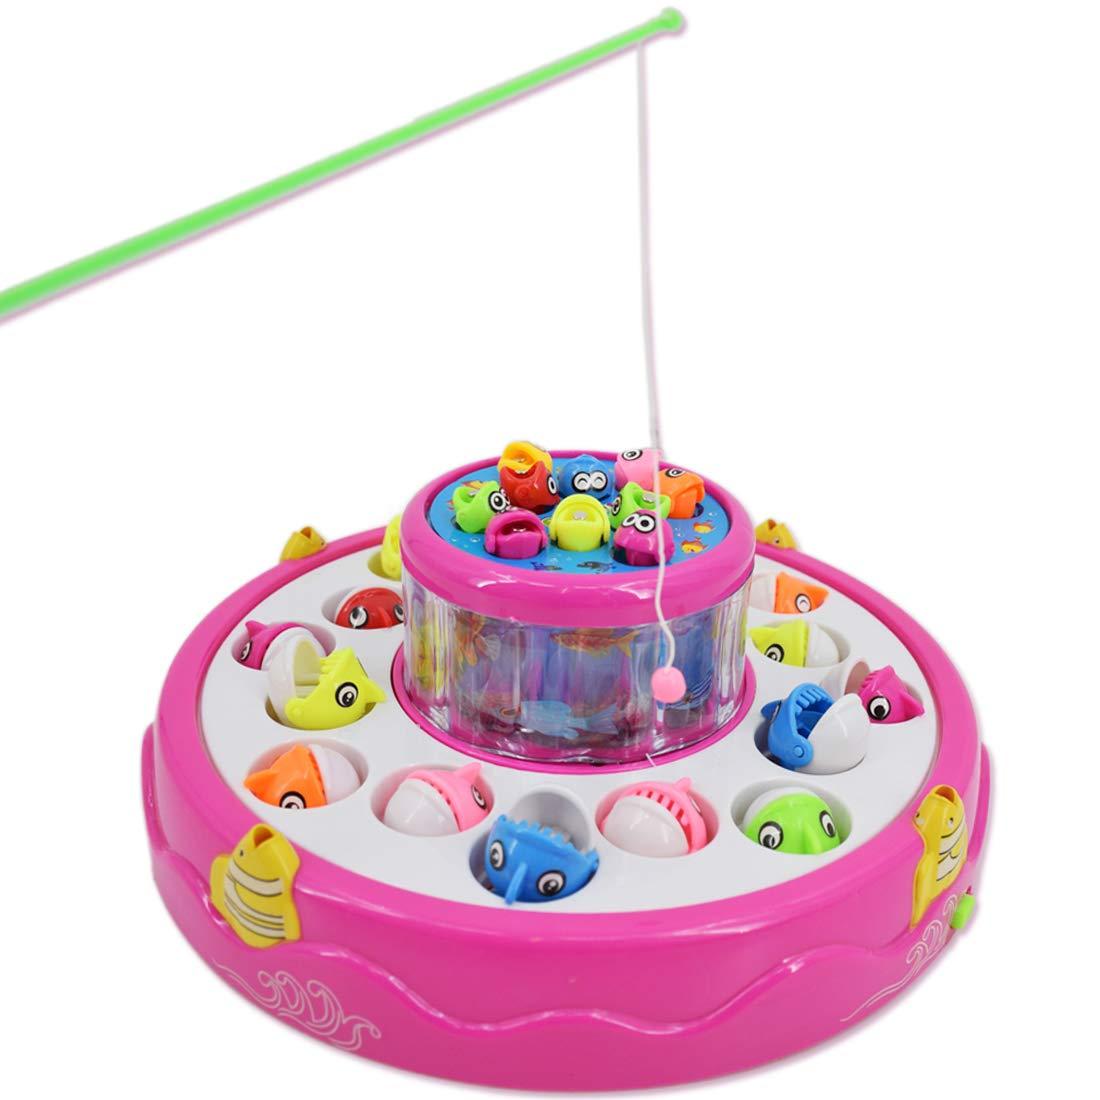 deAO Juego de Pesca Electrónico Rotatorio de Dos Niveles con Música y Luces - Incluye 4 Cañas y 26 Peces (Rosa): Amazon.es: Juguetes y juegos